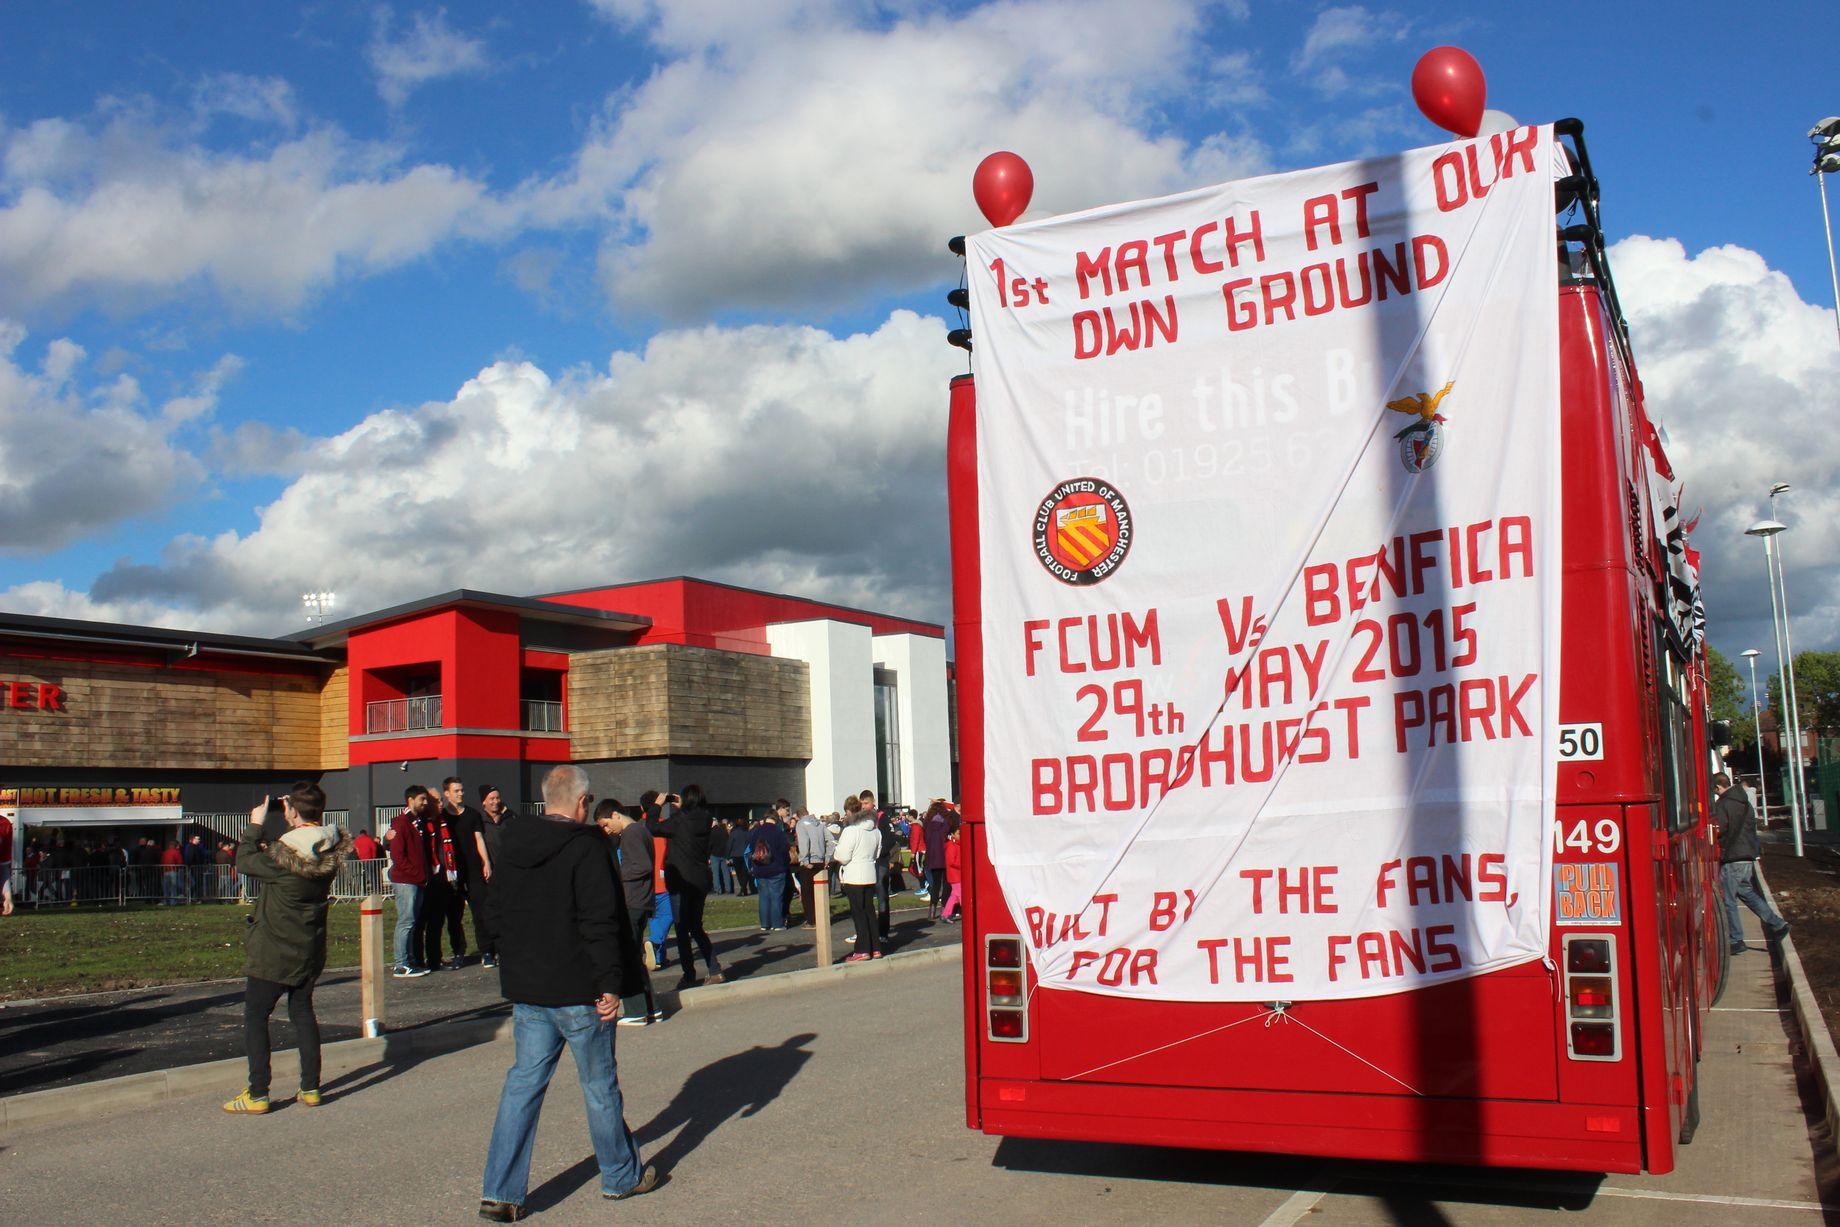 FC-United-Manchester-stadium-1